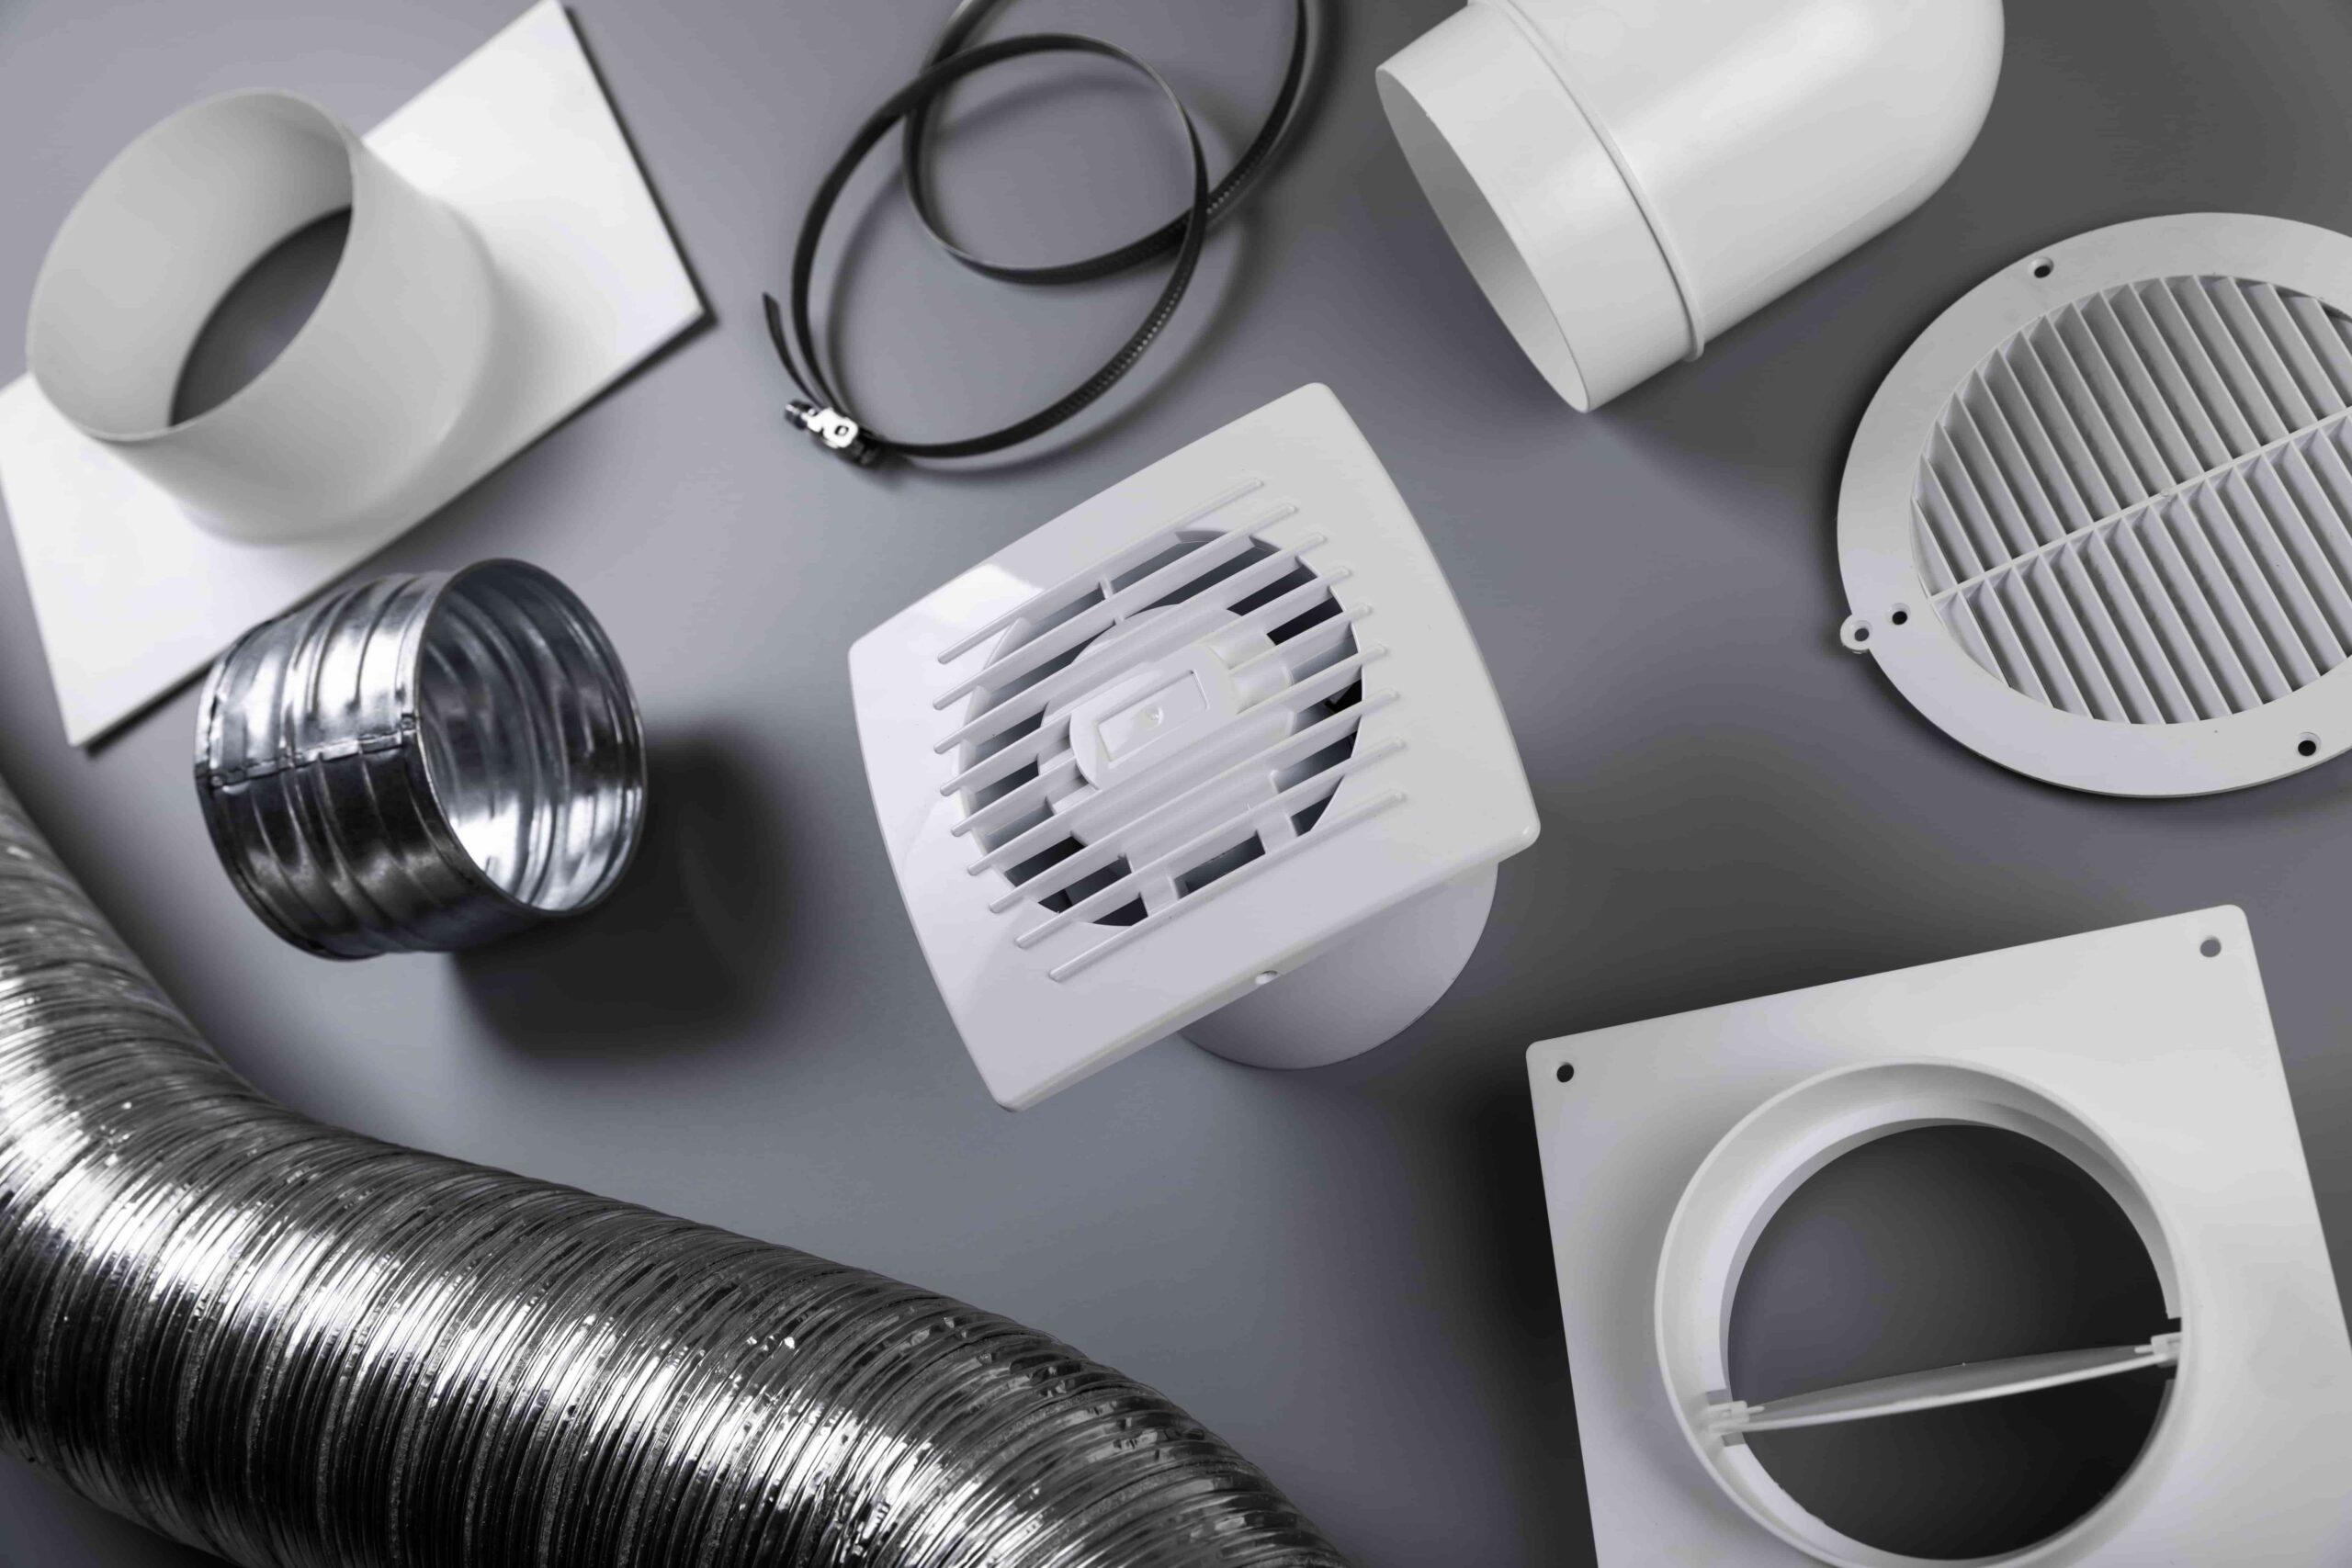 「高機能換気設備は新型コロナウイルス感染拡大防止にも温暖化にも効果がある?」を公開しました。